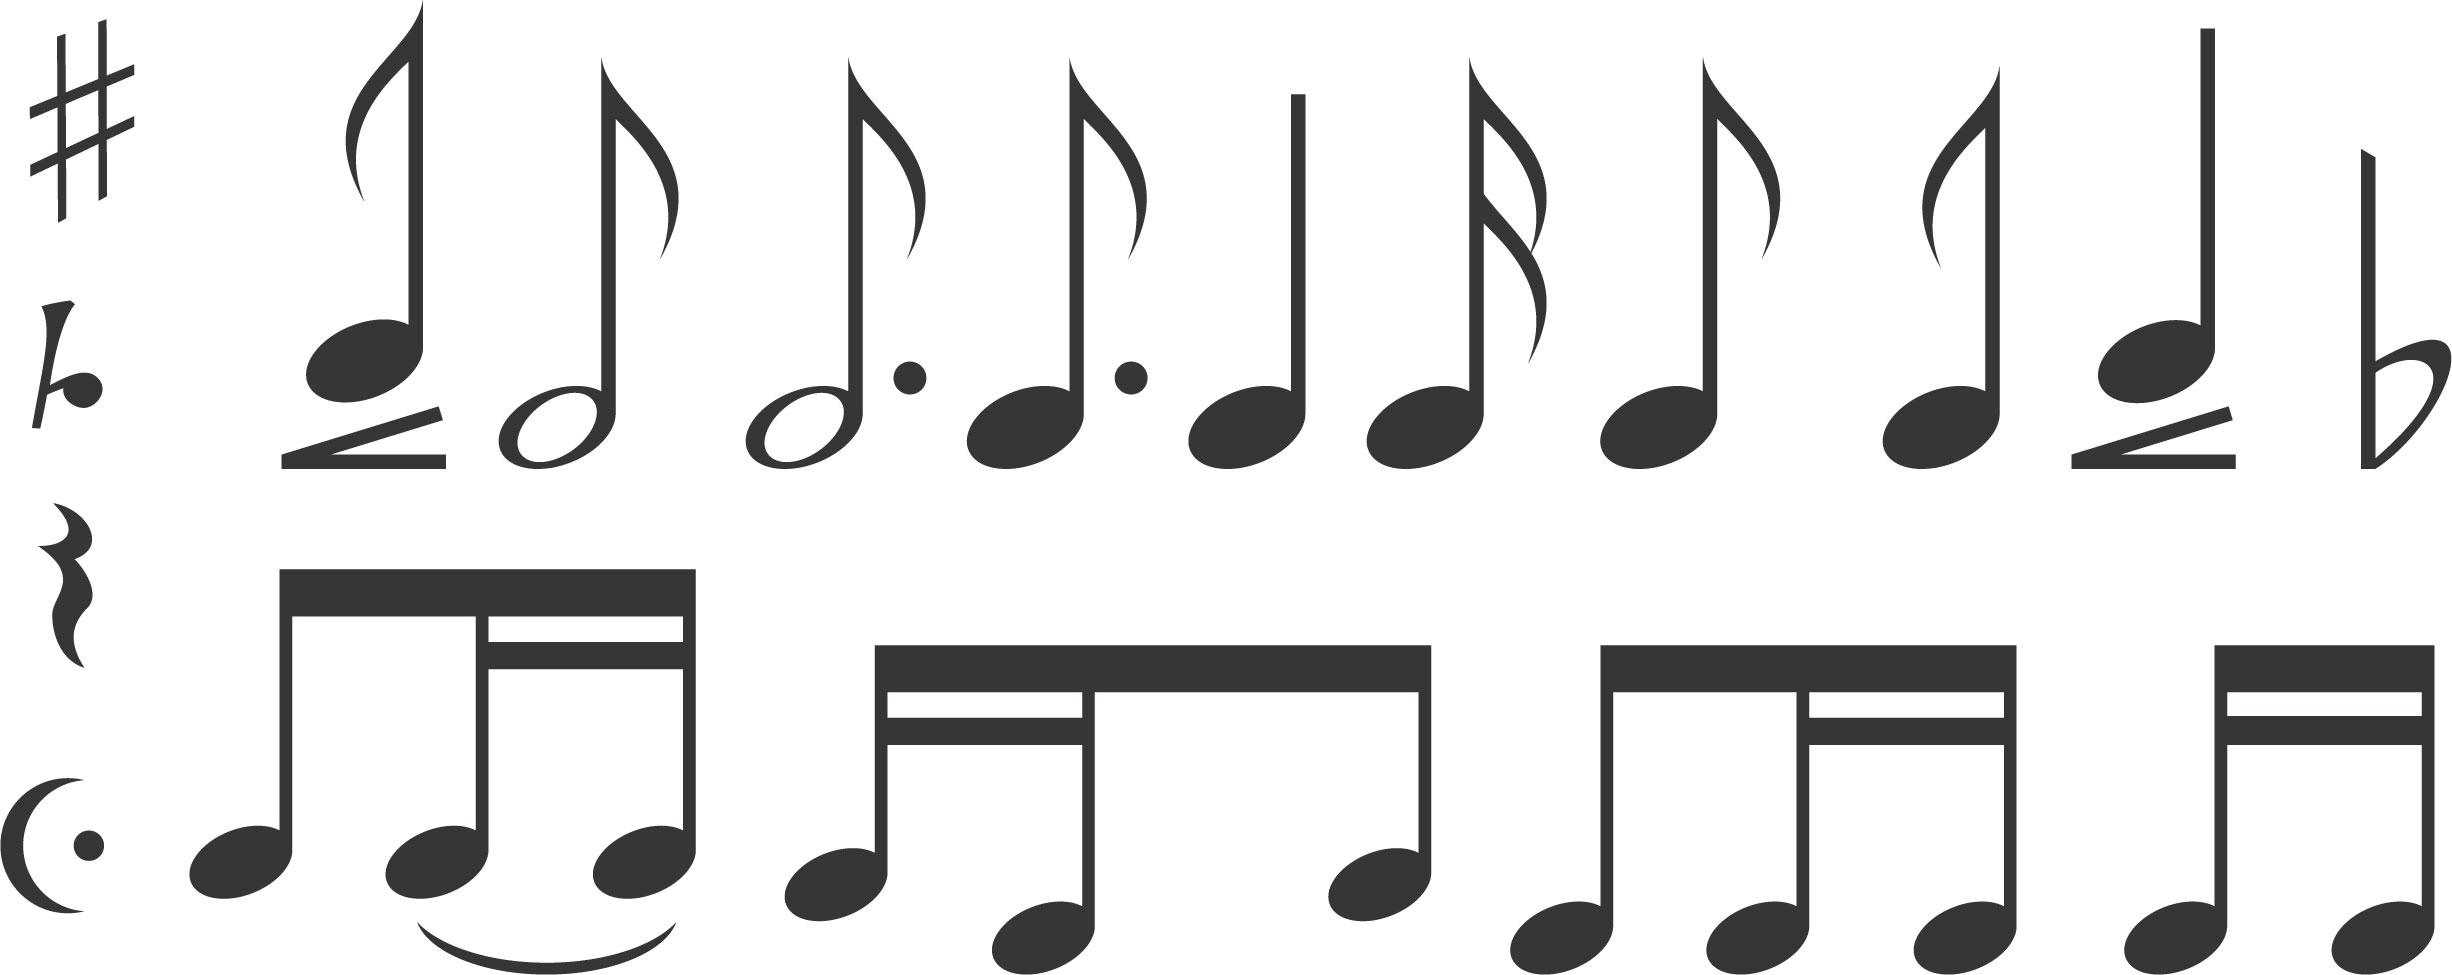 音符イラスト音符音楽記号一覧 無料のフリー素材